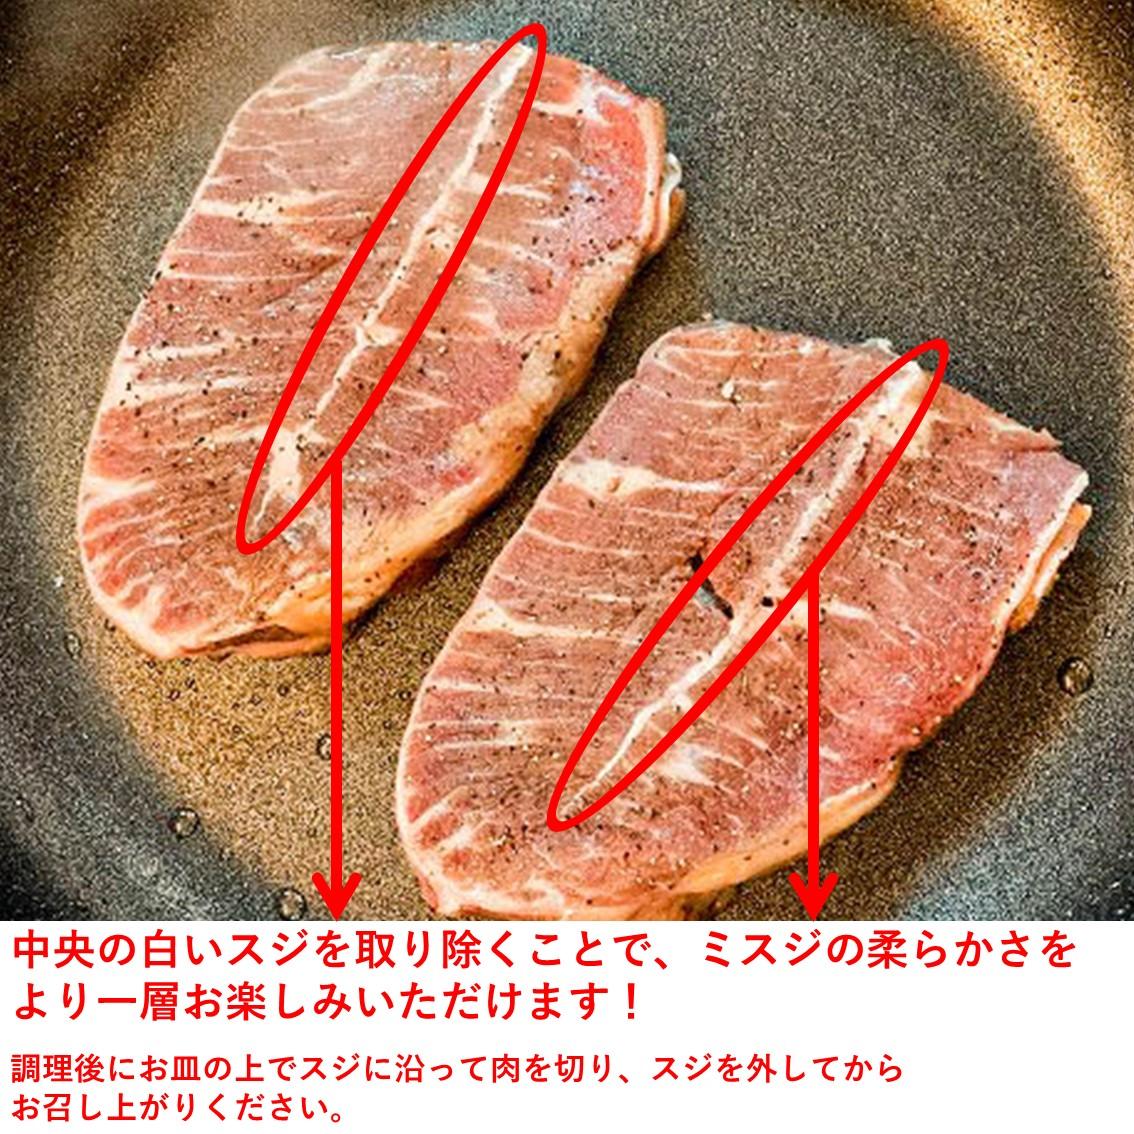 熟成赤身のミスジステーキ【カナディアンビーフ】180g